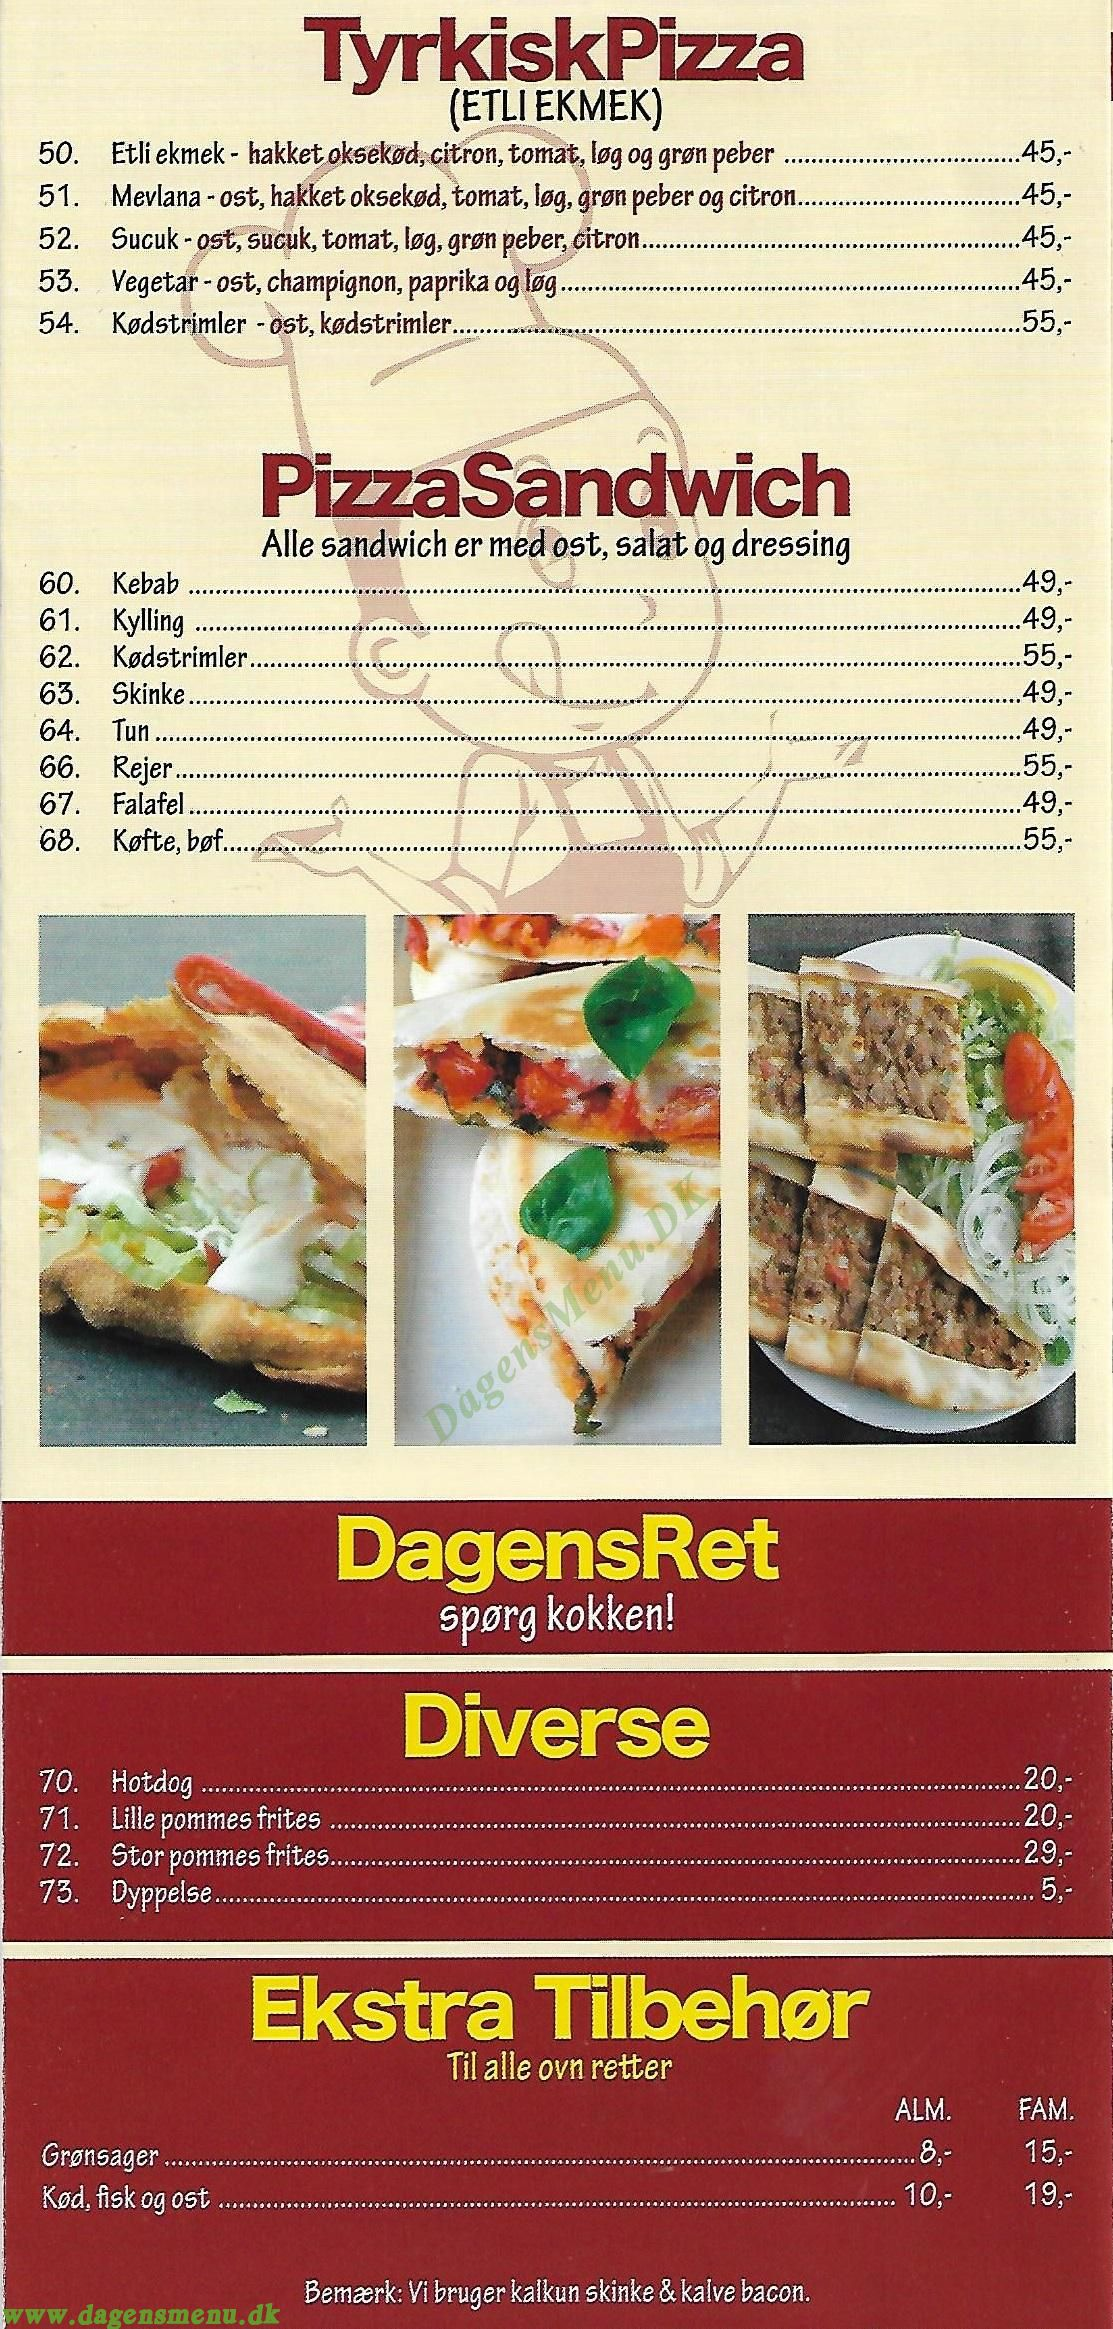 Ro's Kebab & Pizza House - Menukort